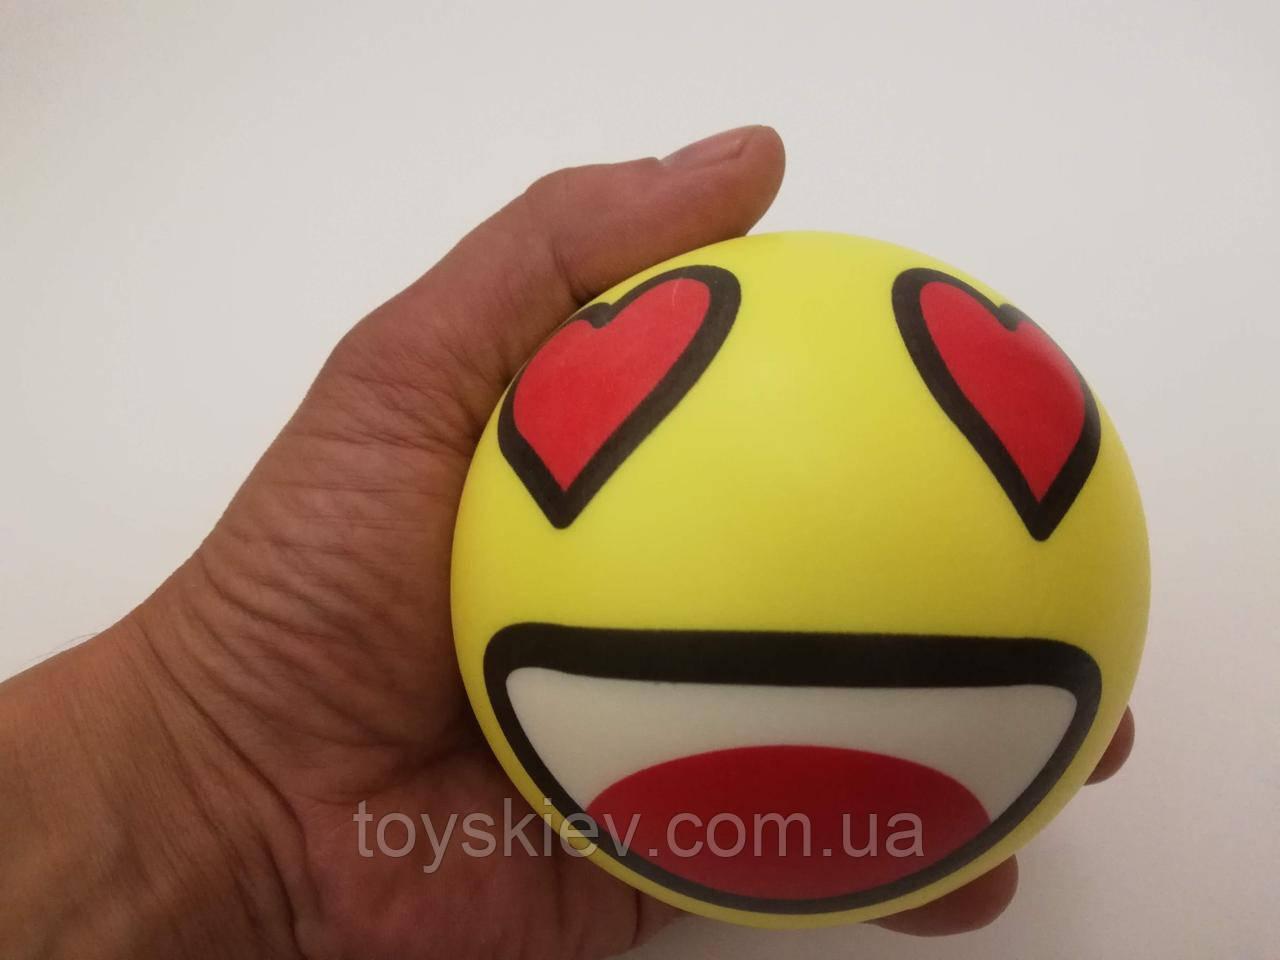 Сквиши SQUISHY Смайлик-4 Сквиш Антистресс игрушка большая 10*10см.